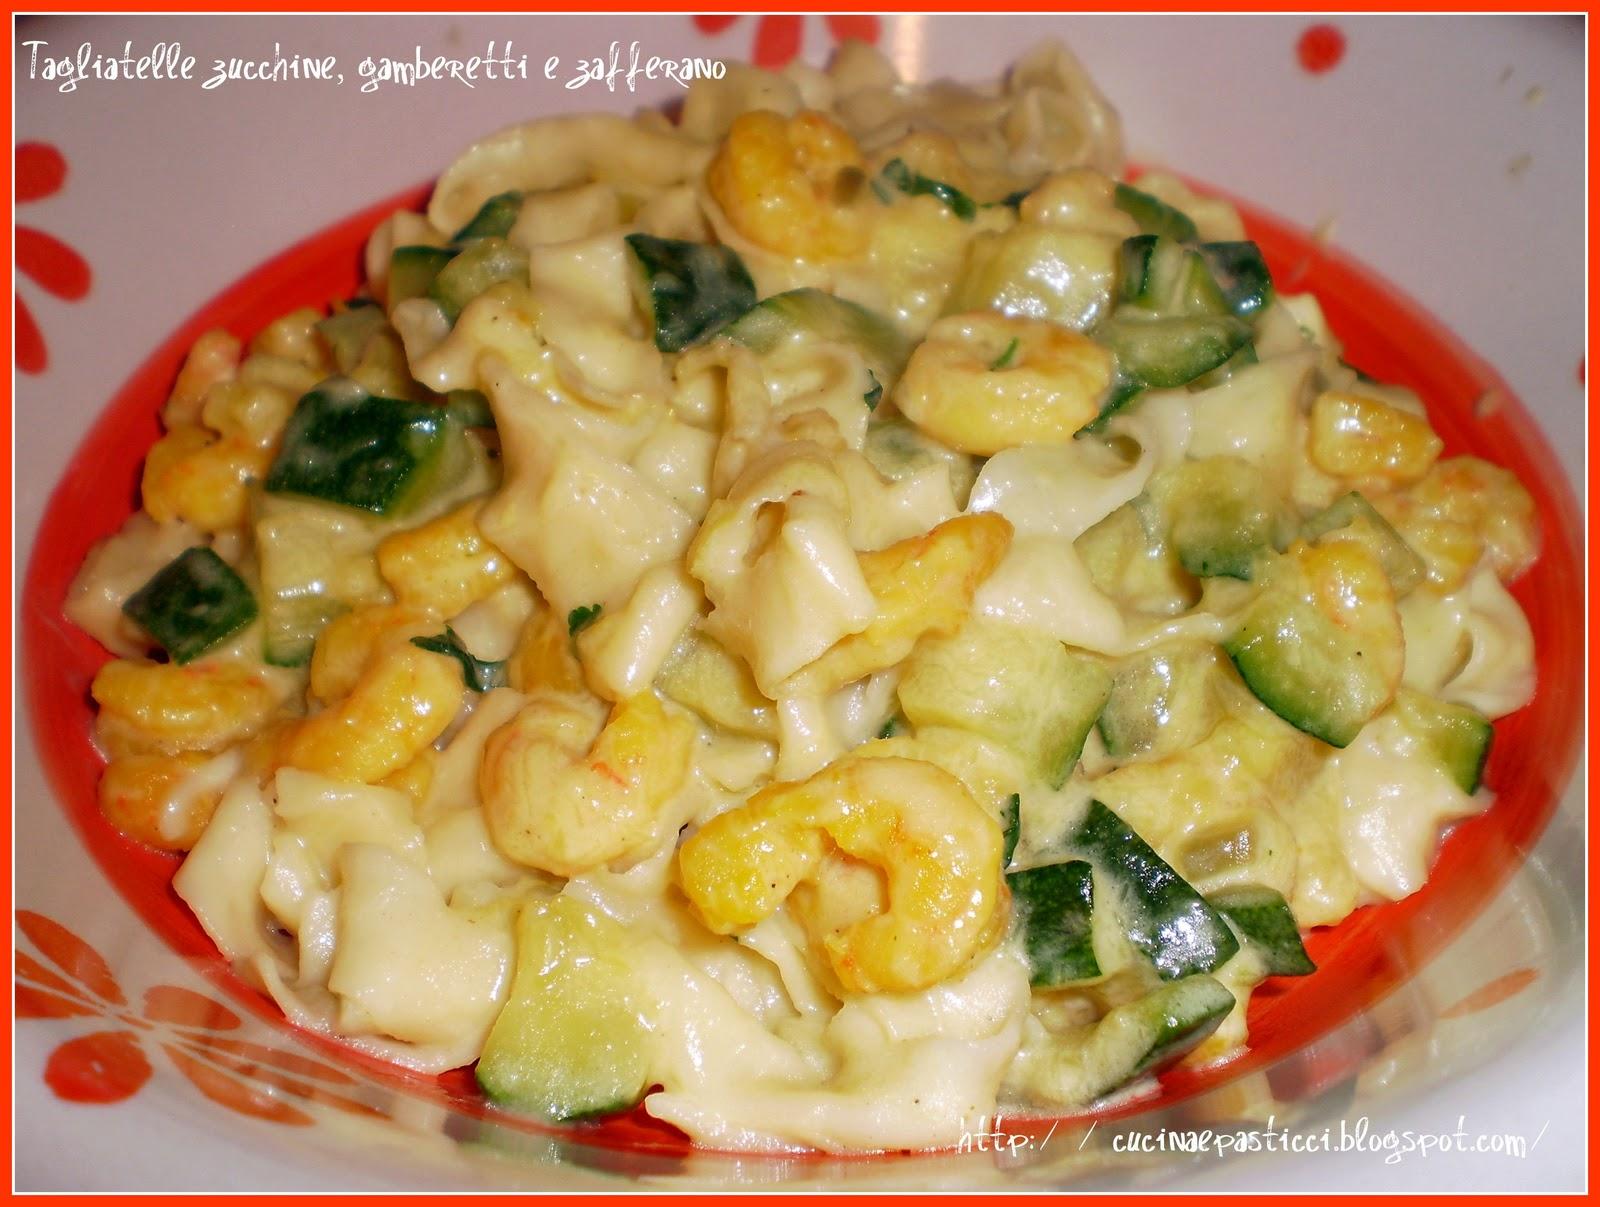 Cucina pasticci tagliatelle zucchine gamberetti e zafferano - Cucina e pasticci ...